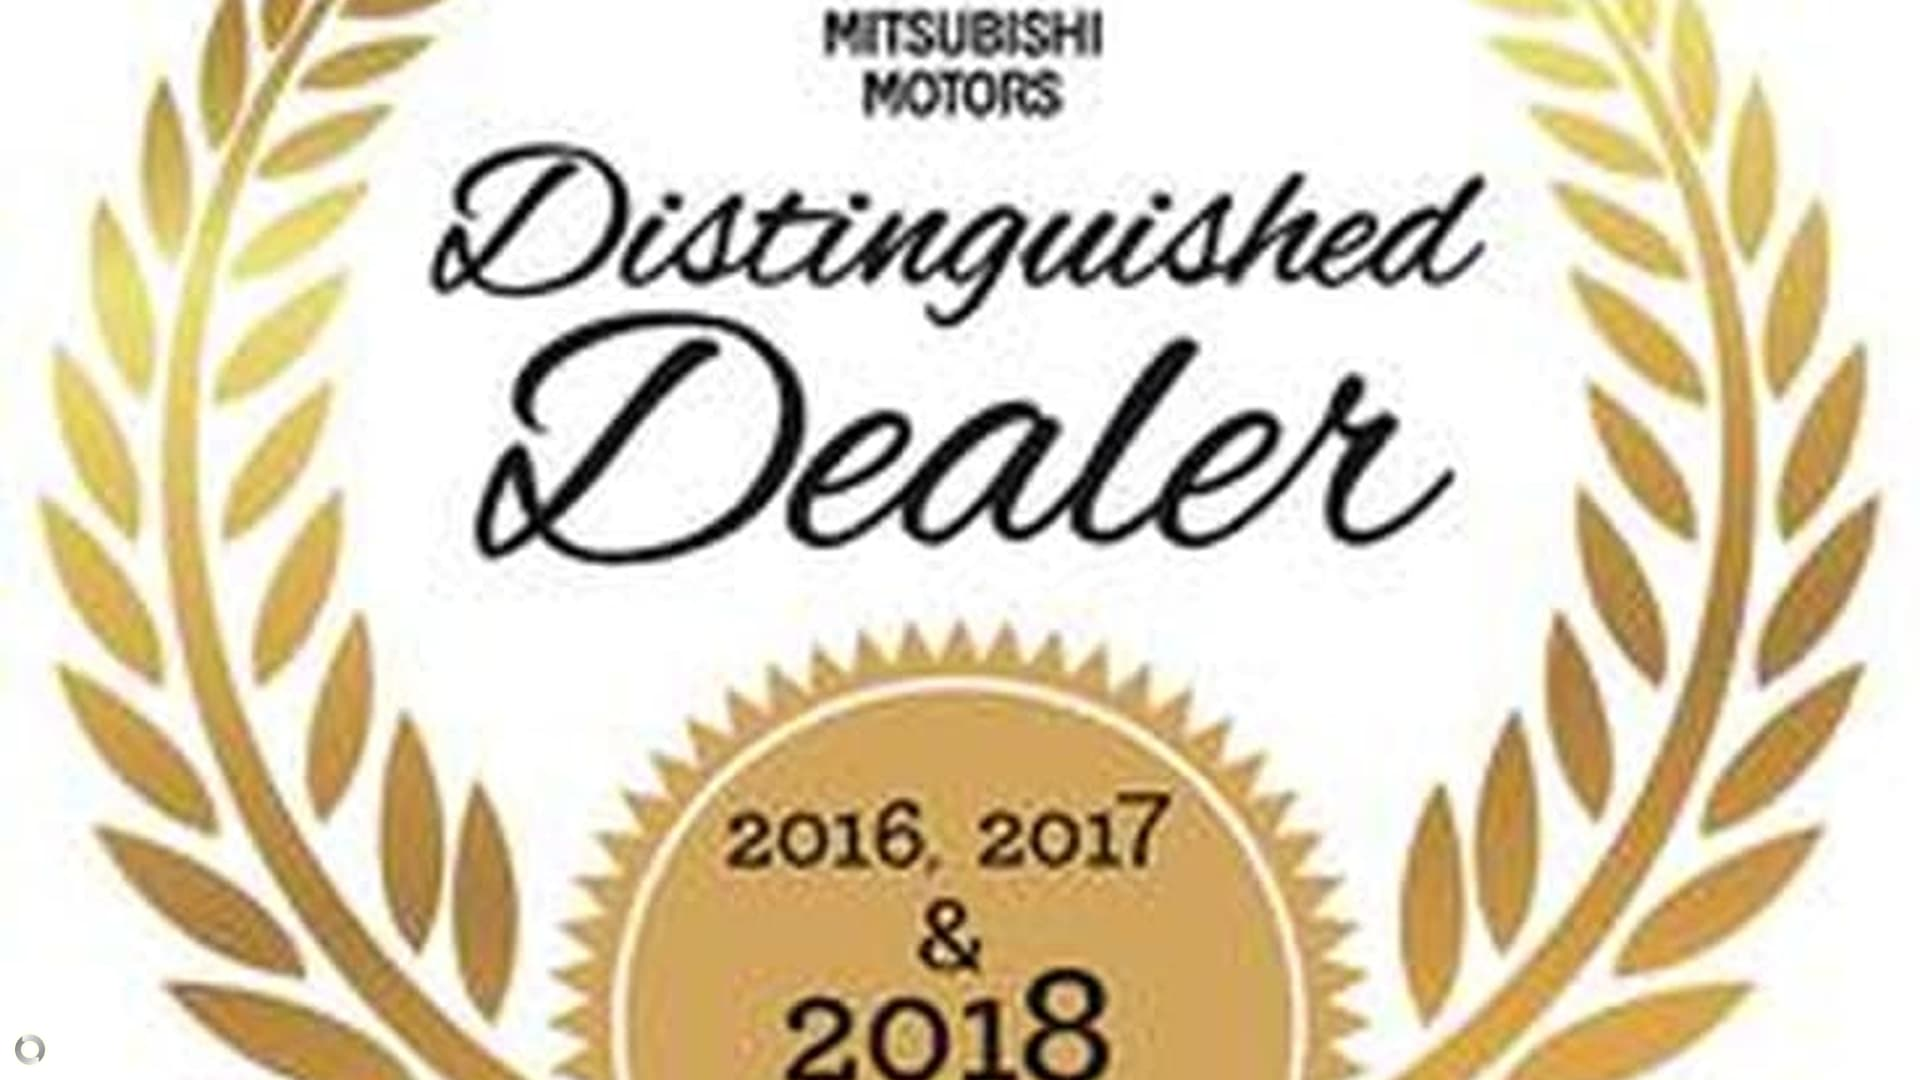 2012 Mitsubishi Lancer Activ CJ